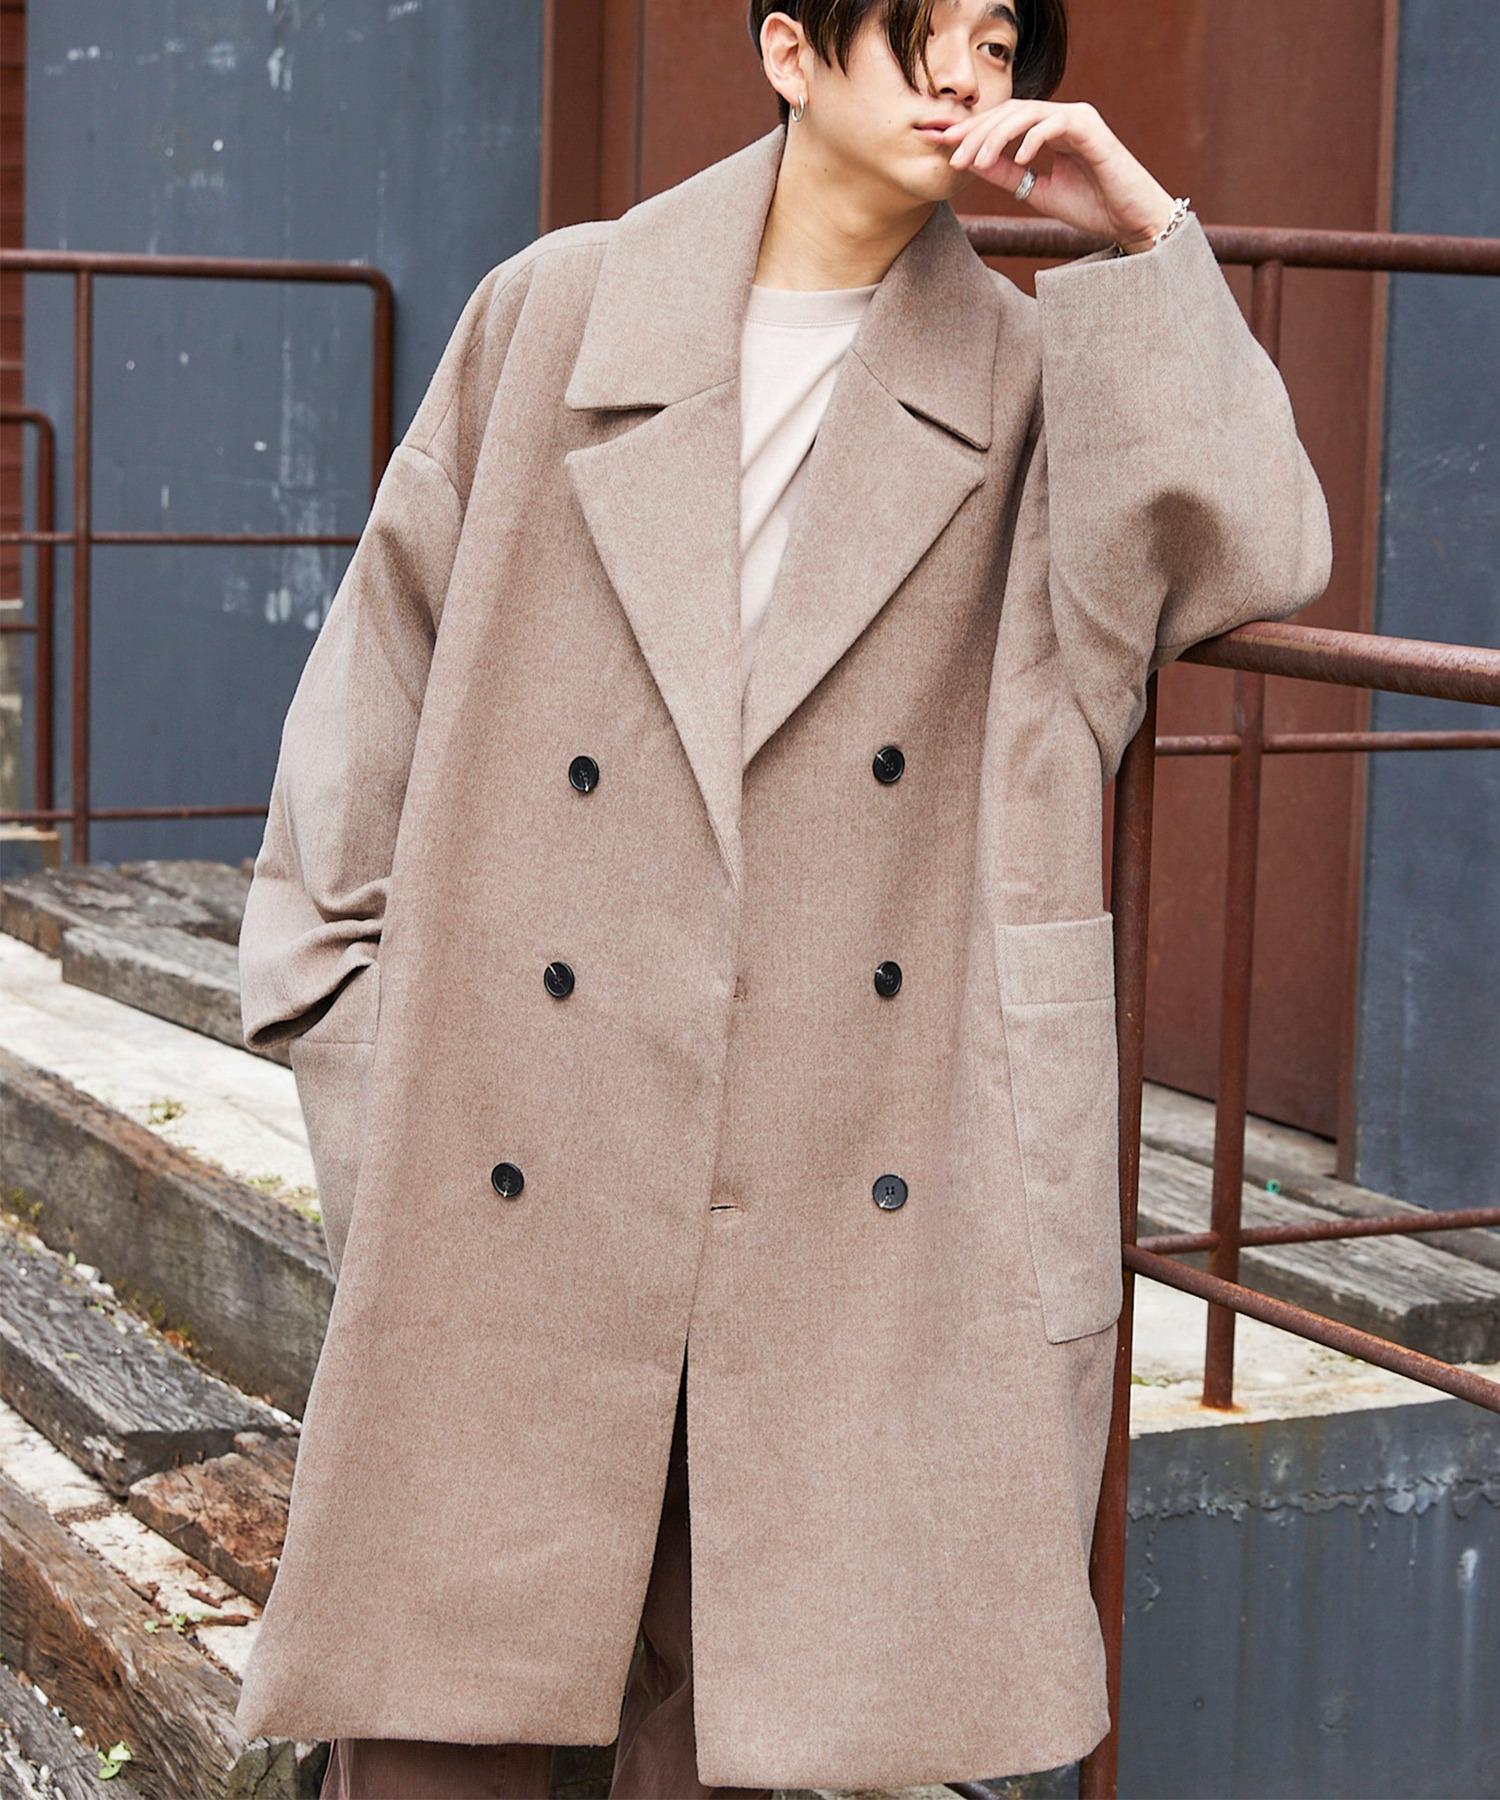 ビッグシルエットメルトンダブルチェスターオーバーコート/Melton Double Chesterfield Big Coat